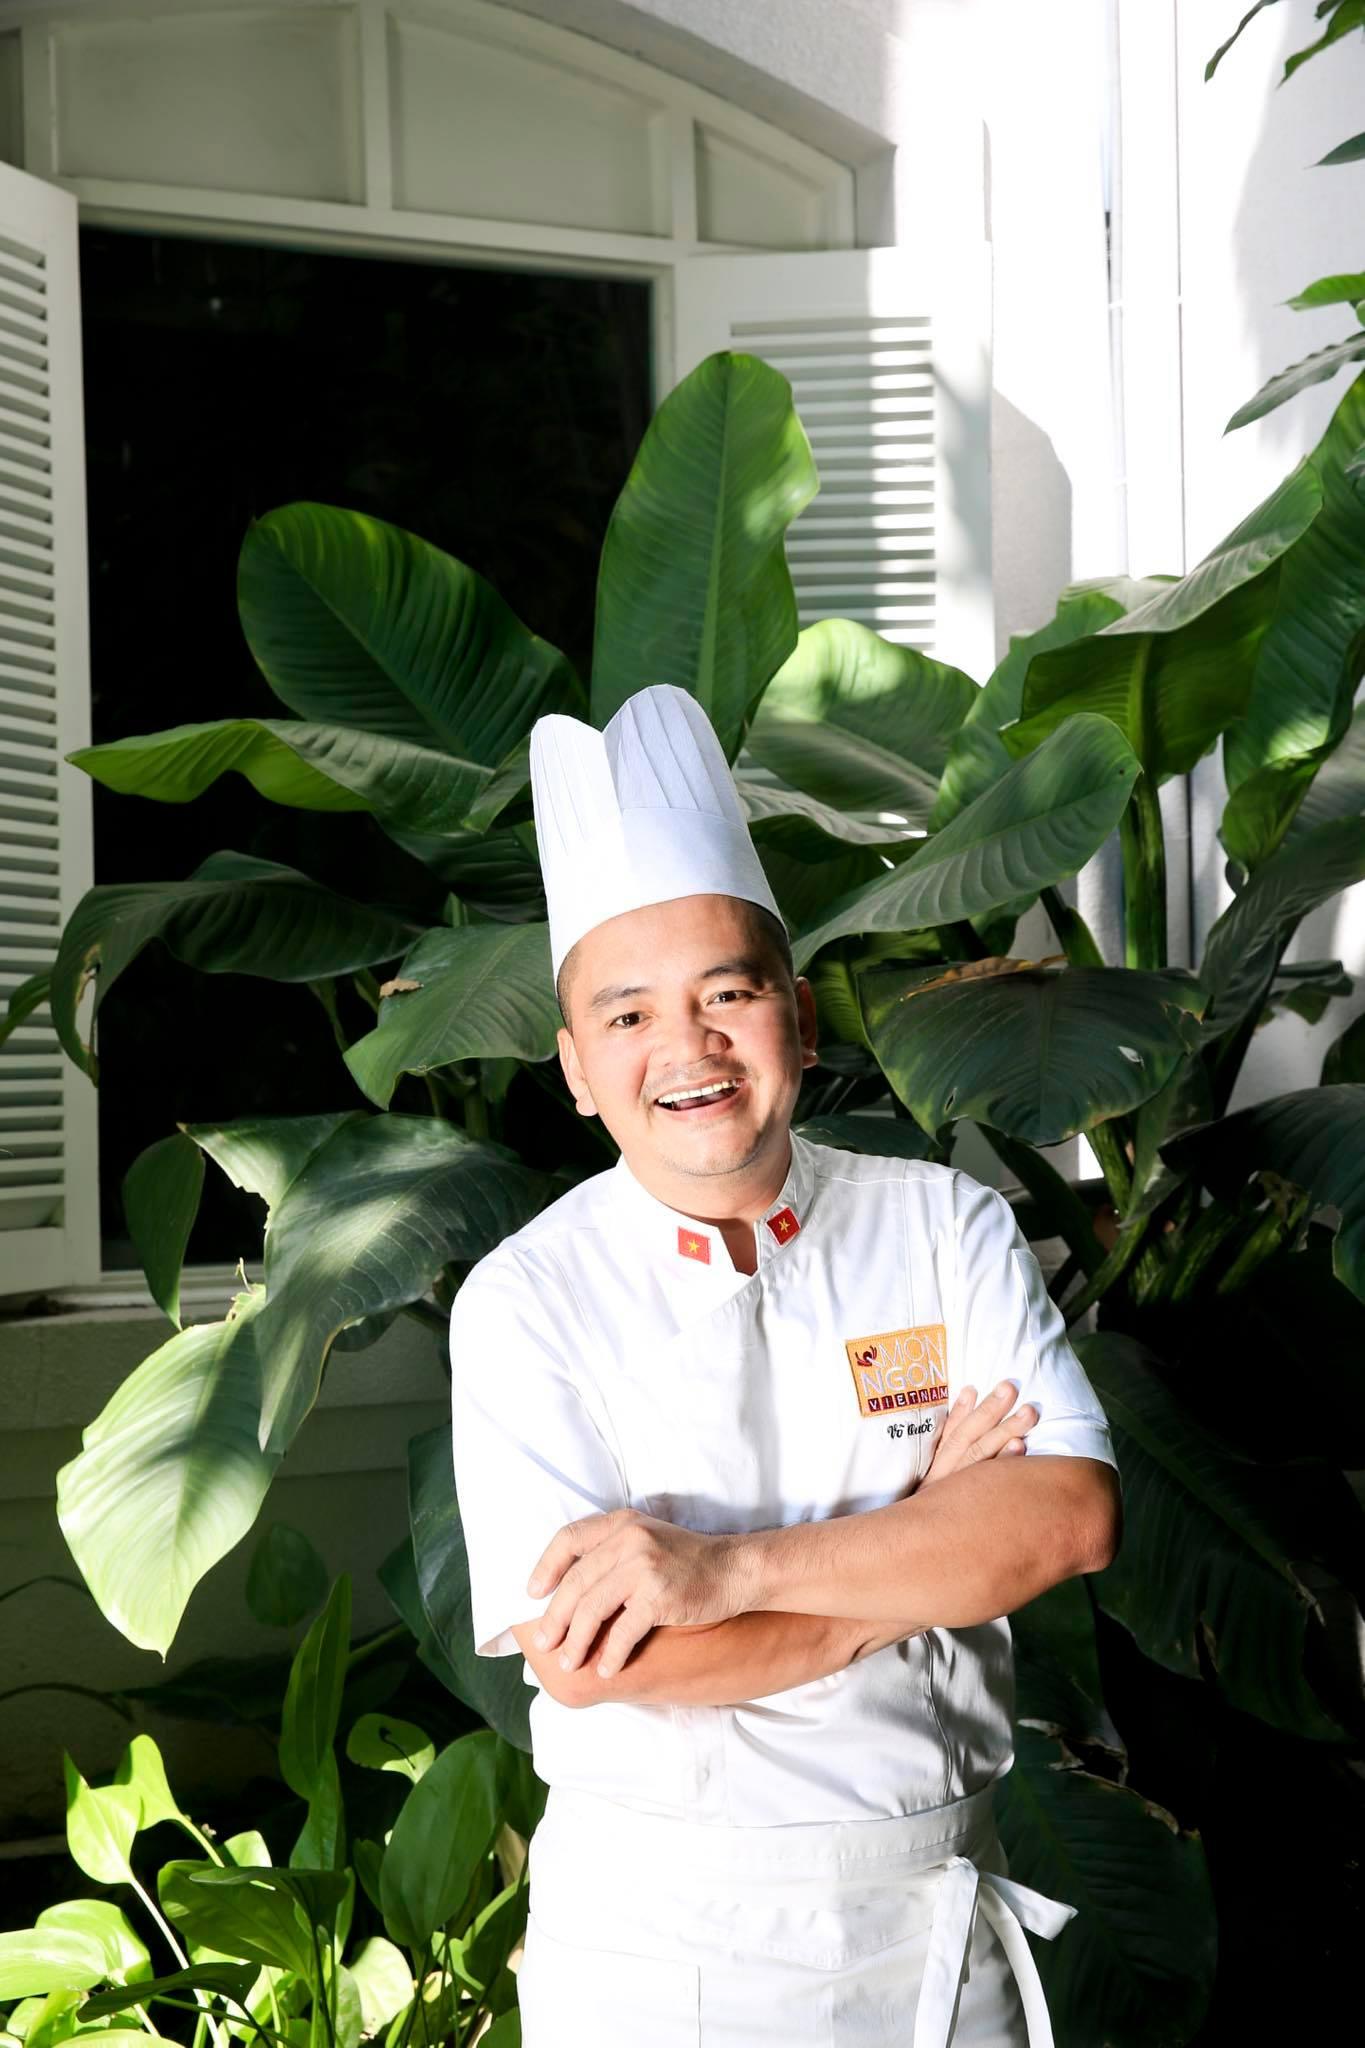 Đầu bếp Võ Quốc - một trong những đầu bếp nổi tiếng tại Việt Nam sẽ đồng hành cùng bạn trong số đầu tiên của Cooking Online Class